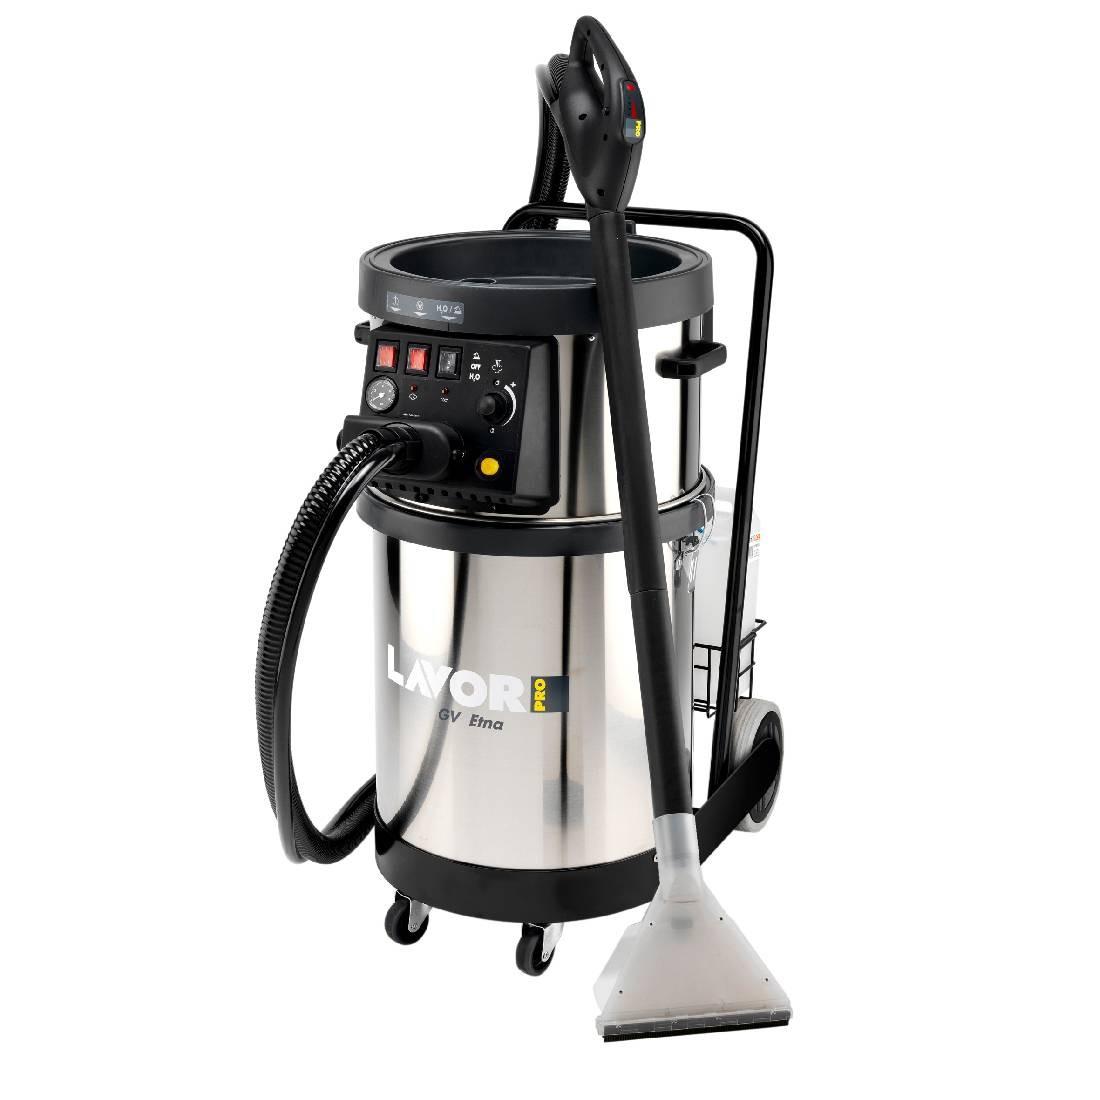 Профессиональный парогенератор Lavor PRO GV ETNA 4.1 FR